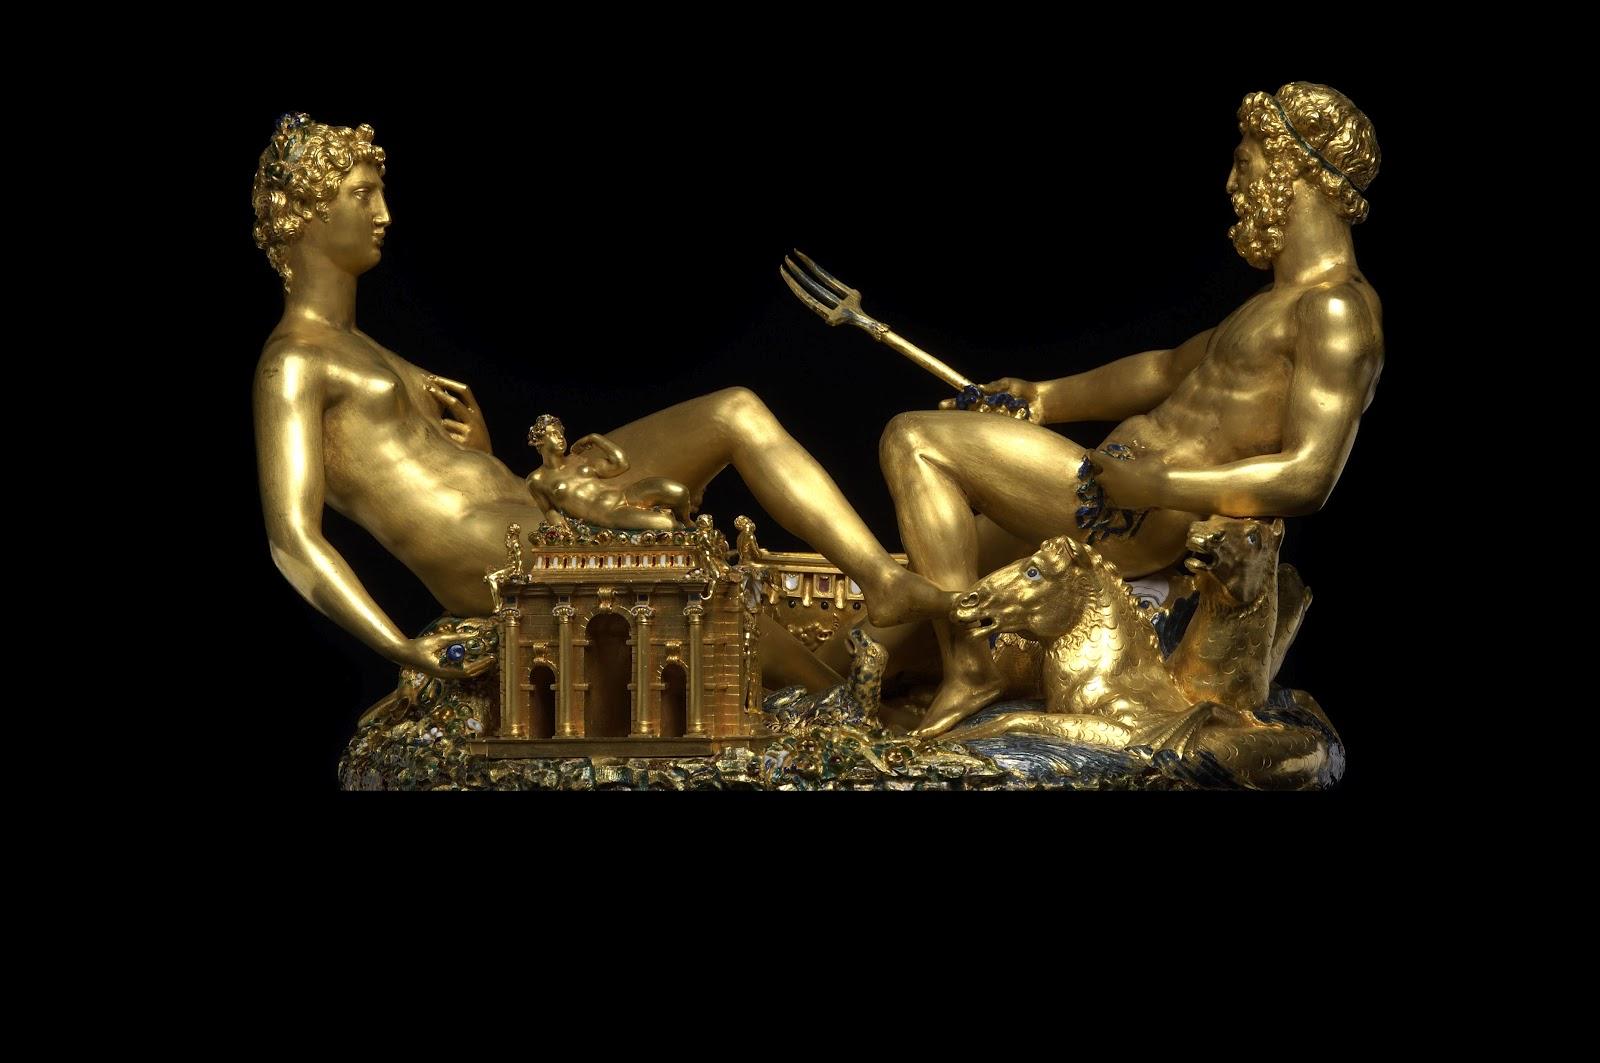 La salira di Benvenuto Cellini, opera orafa dello scultore toscano